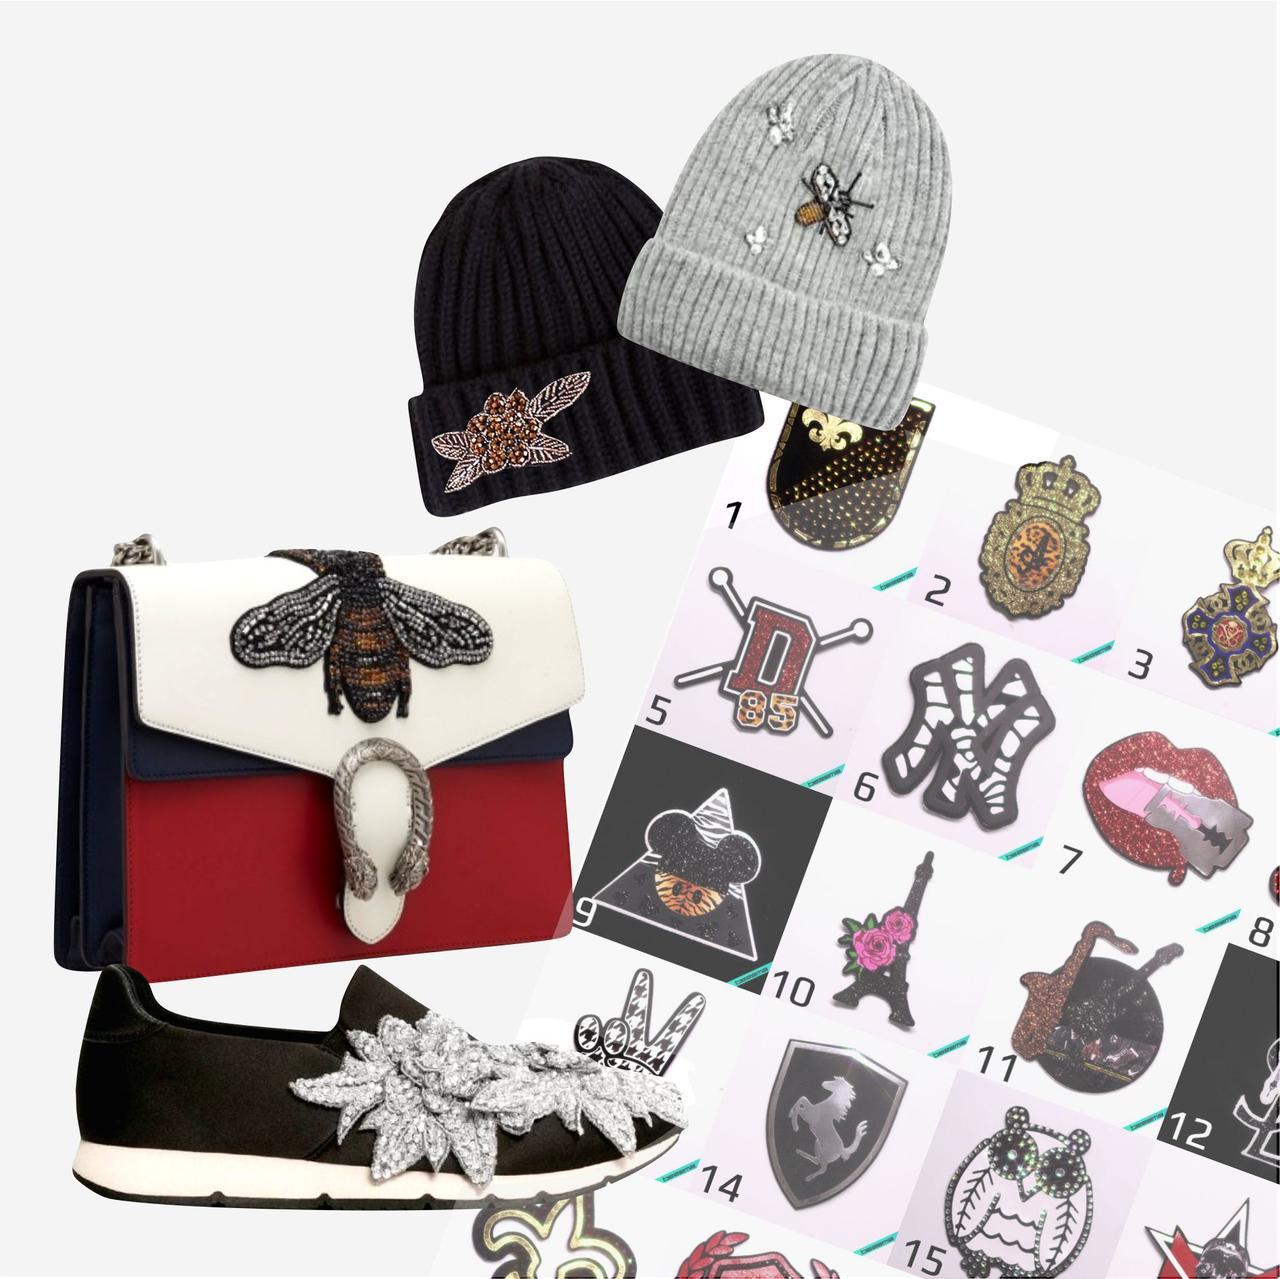 Подбор/Разработка дизайнов декора для женской обуви, сумок, шапок, аксессуаров (фото в описании)